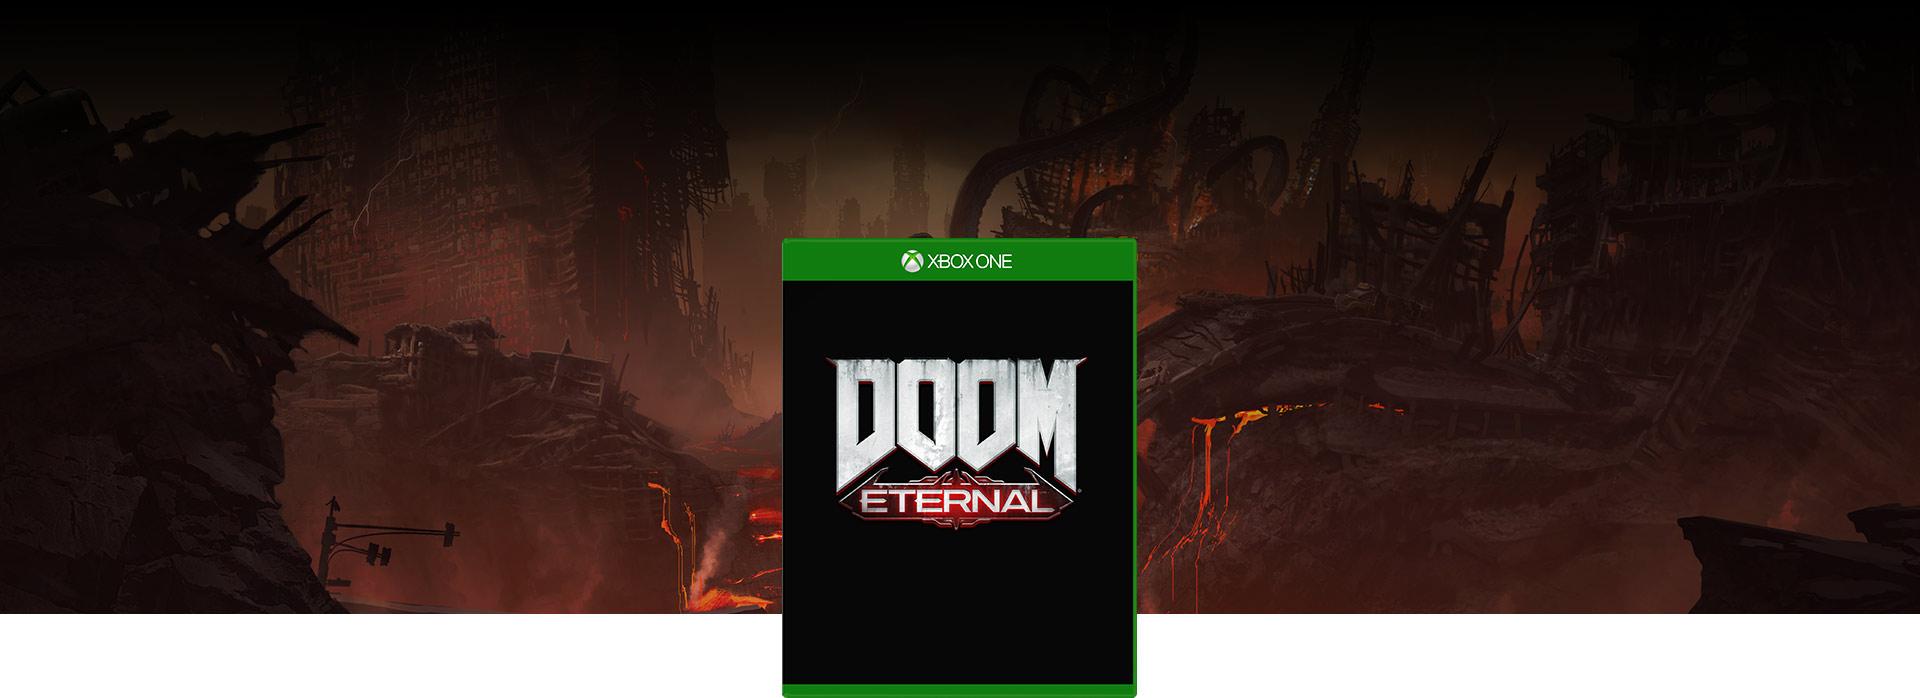 DOOM Eternal-coverbillede, baggrund med tentakler, der kommer ud af lava i helvede